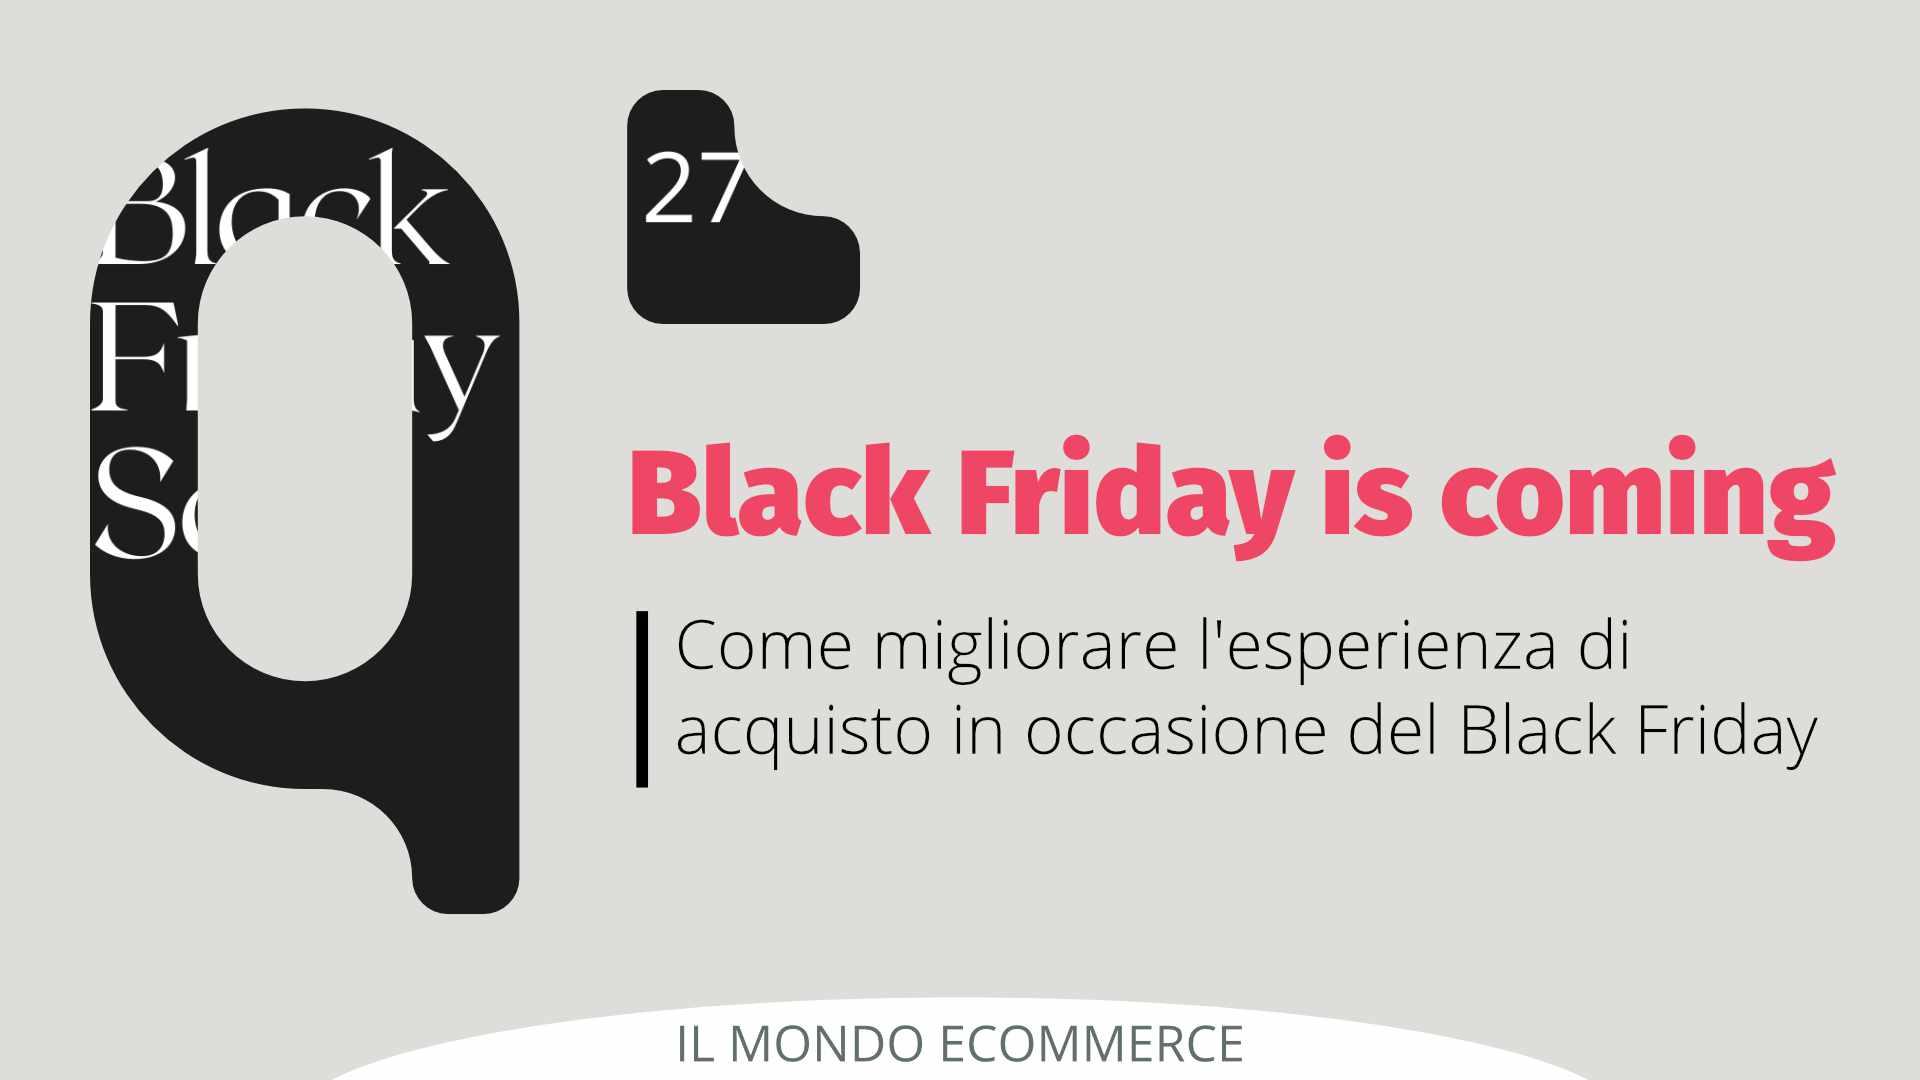 Come migliorare l'esperienza di acquisto in occasione del Black Friday